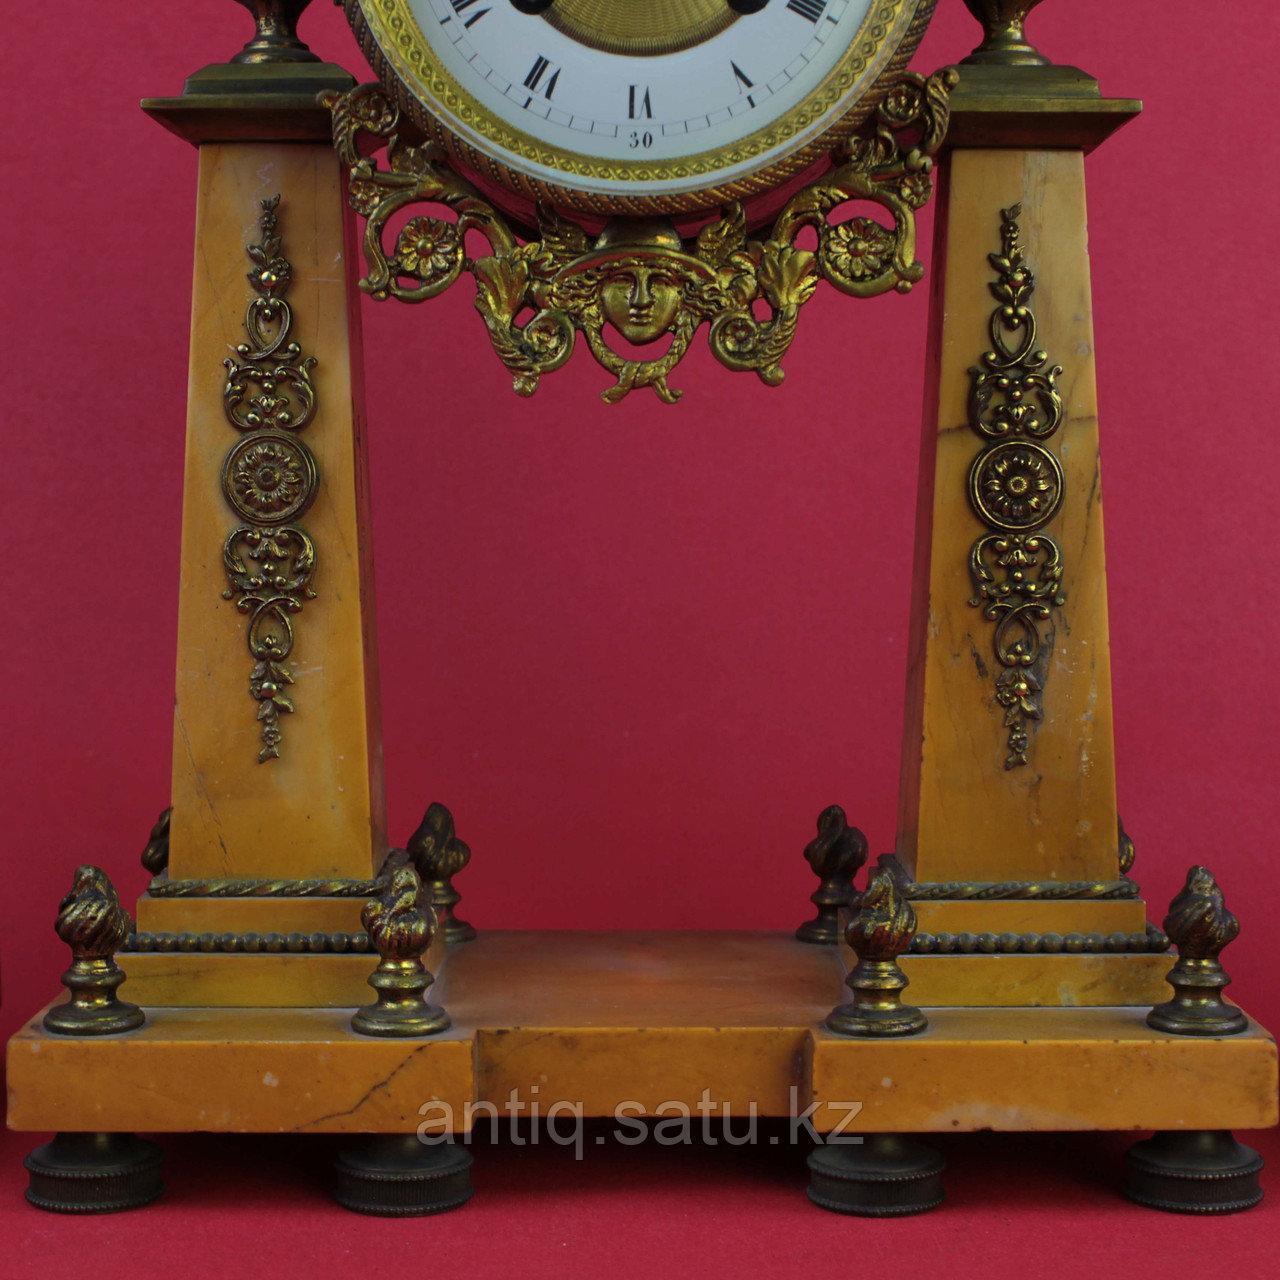 Часовой гарнитур в стиле Людовика XVI Франция. II половина XIX века - фото 5